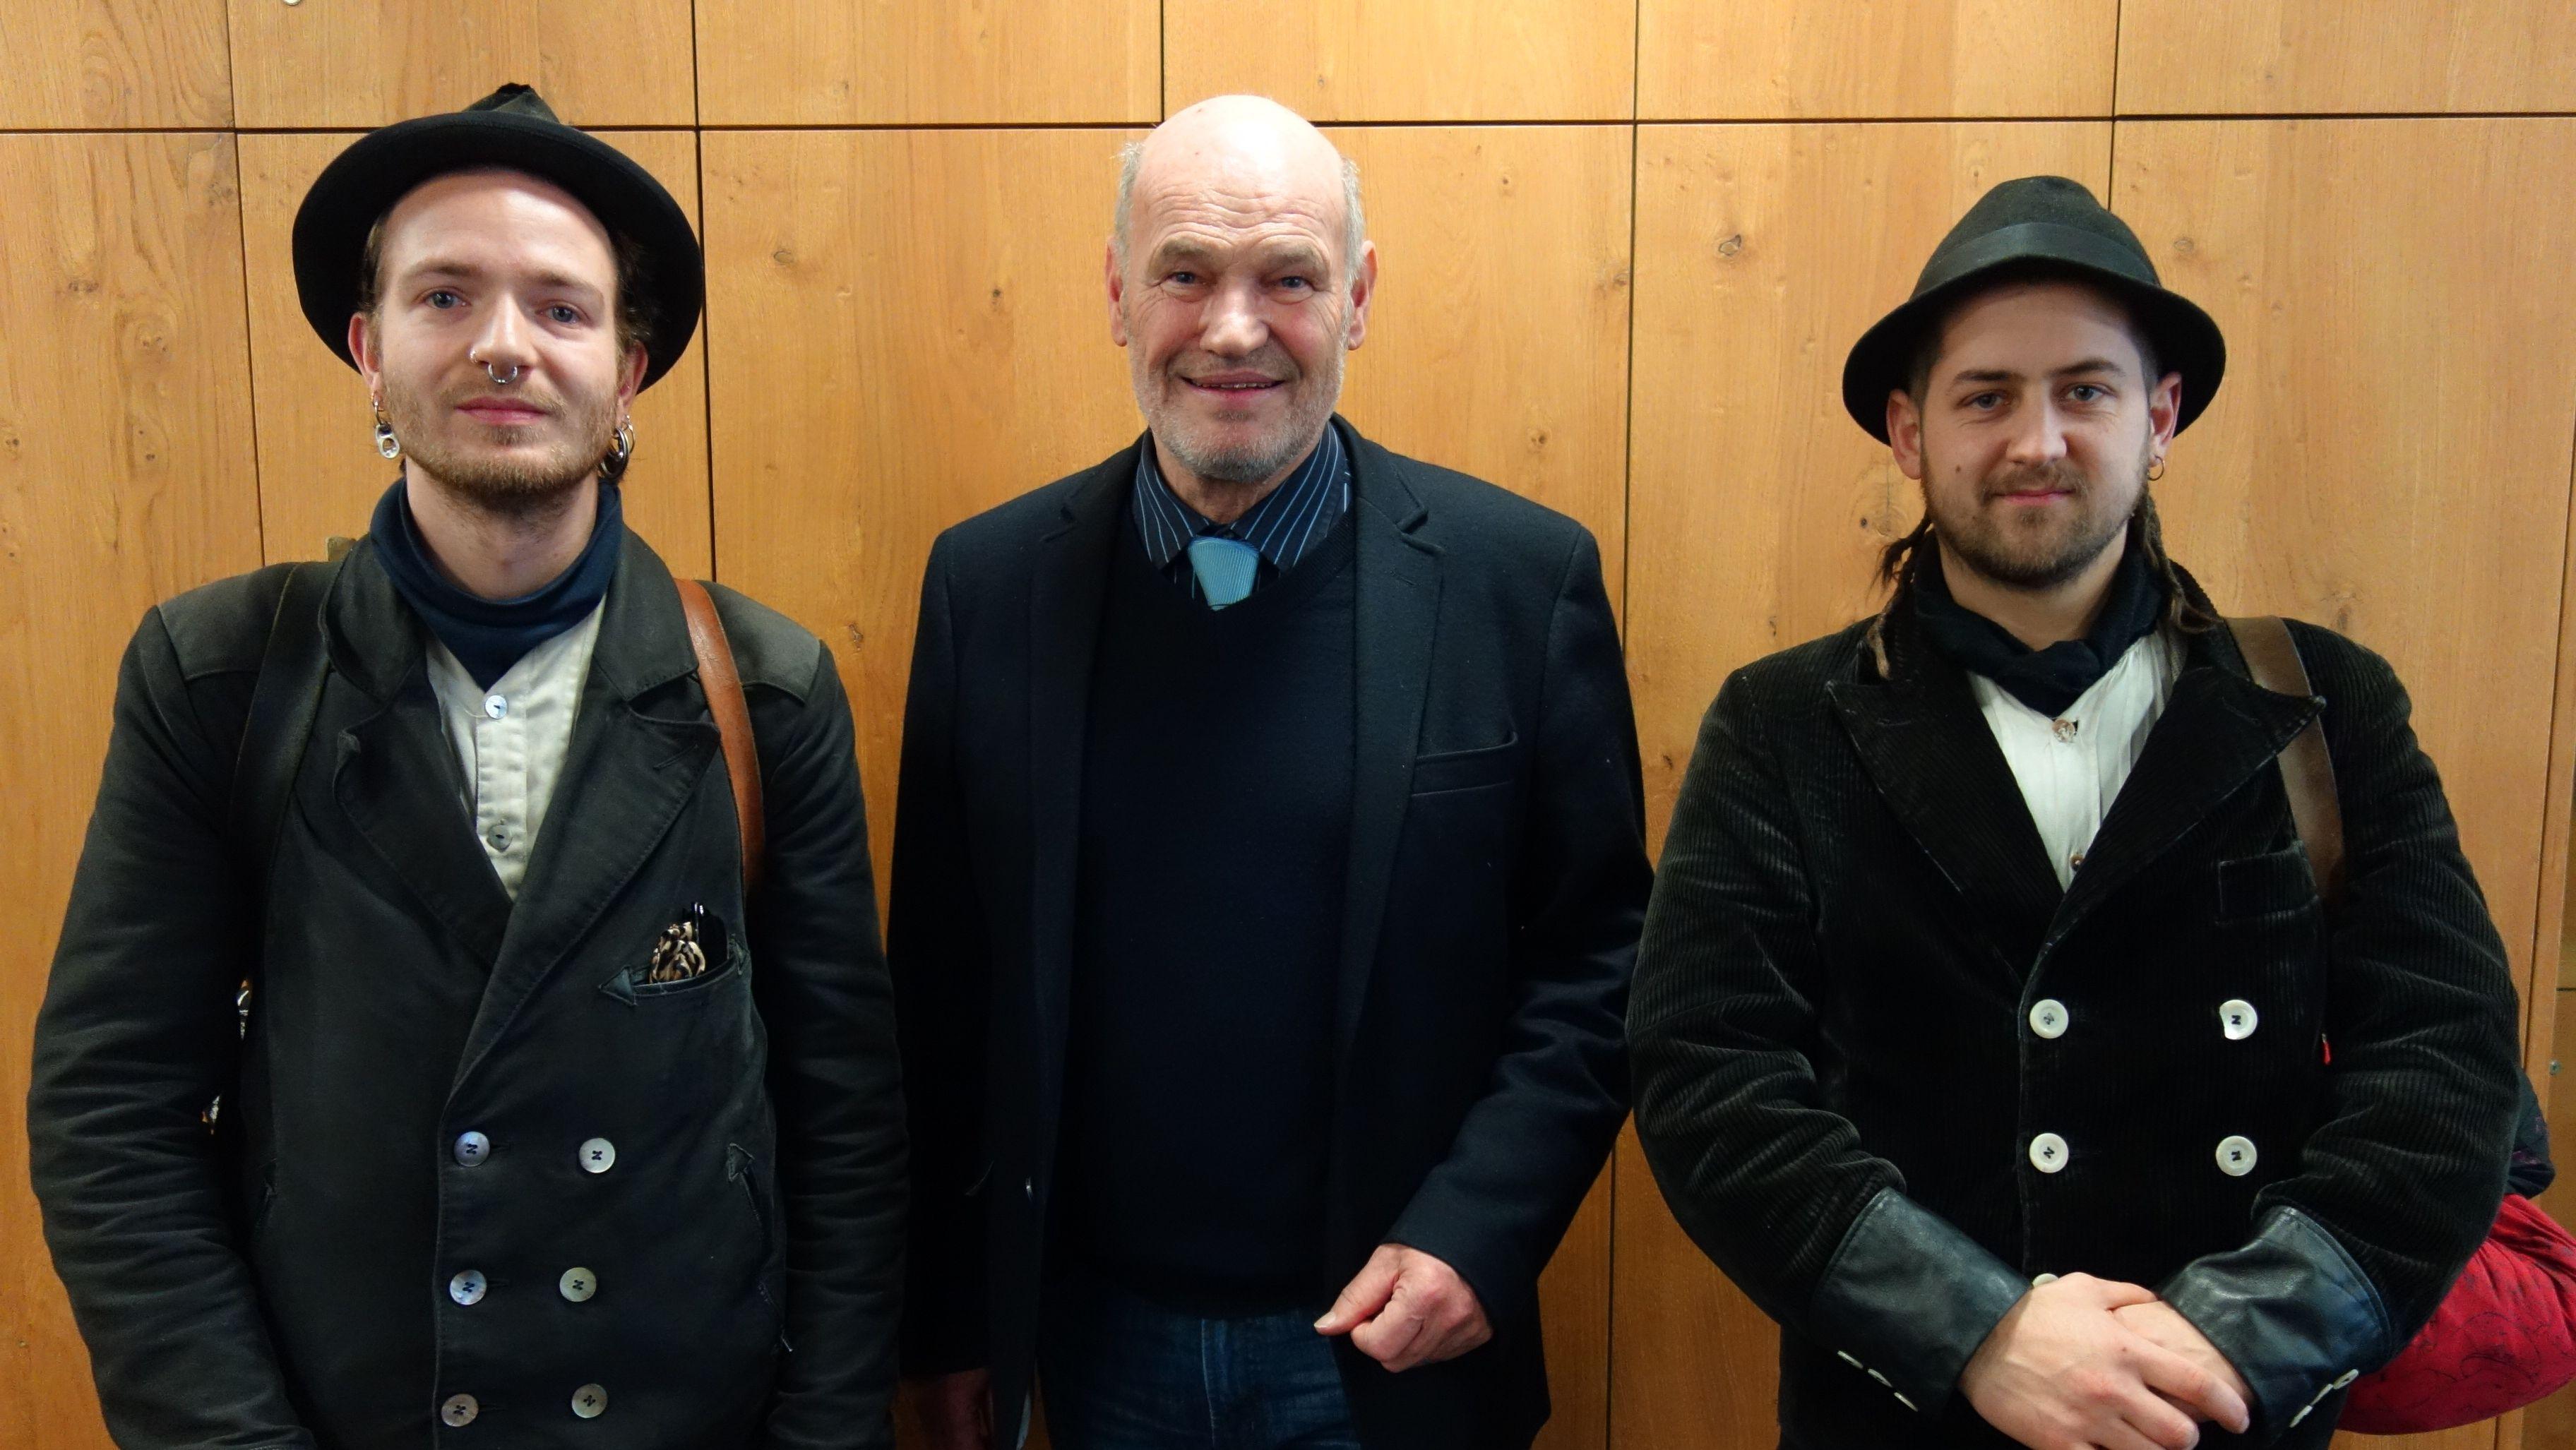 Gitarrenbauer Lolo und Bierbrauer Philipp mit Würzburger Landrat Eberhard Nuß